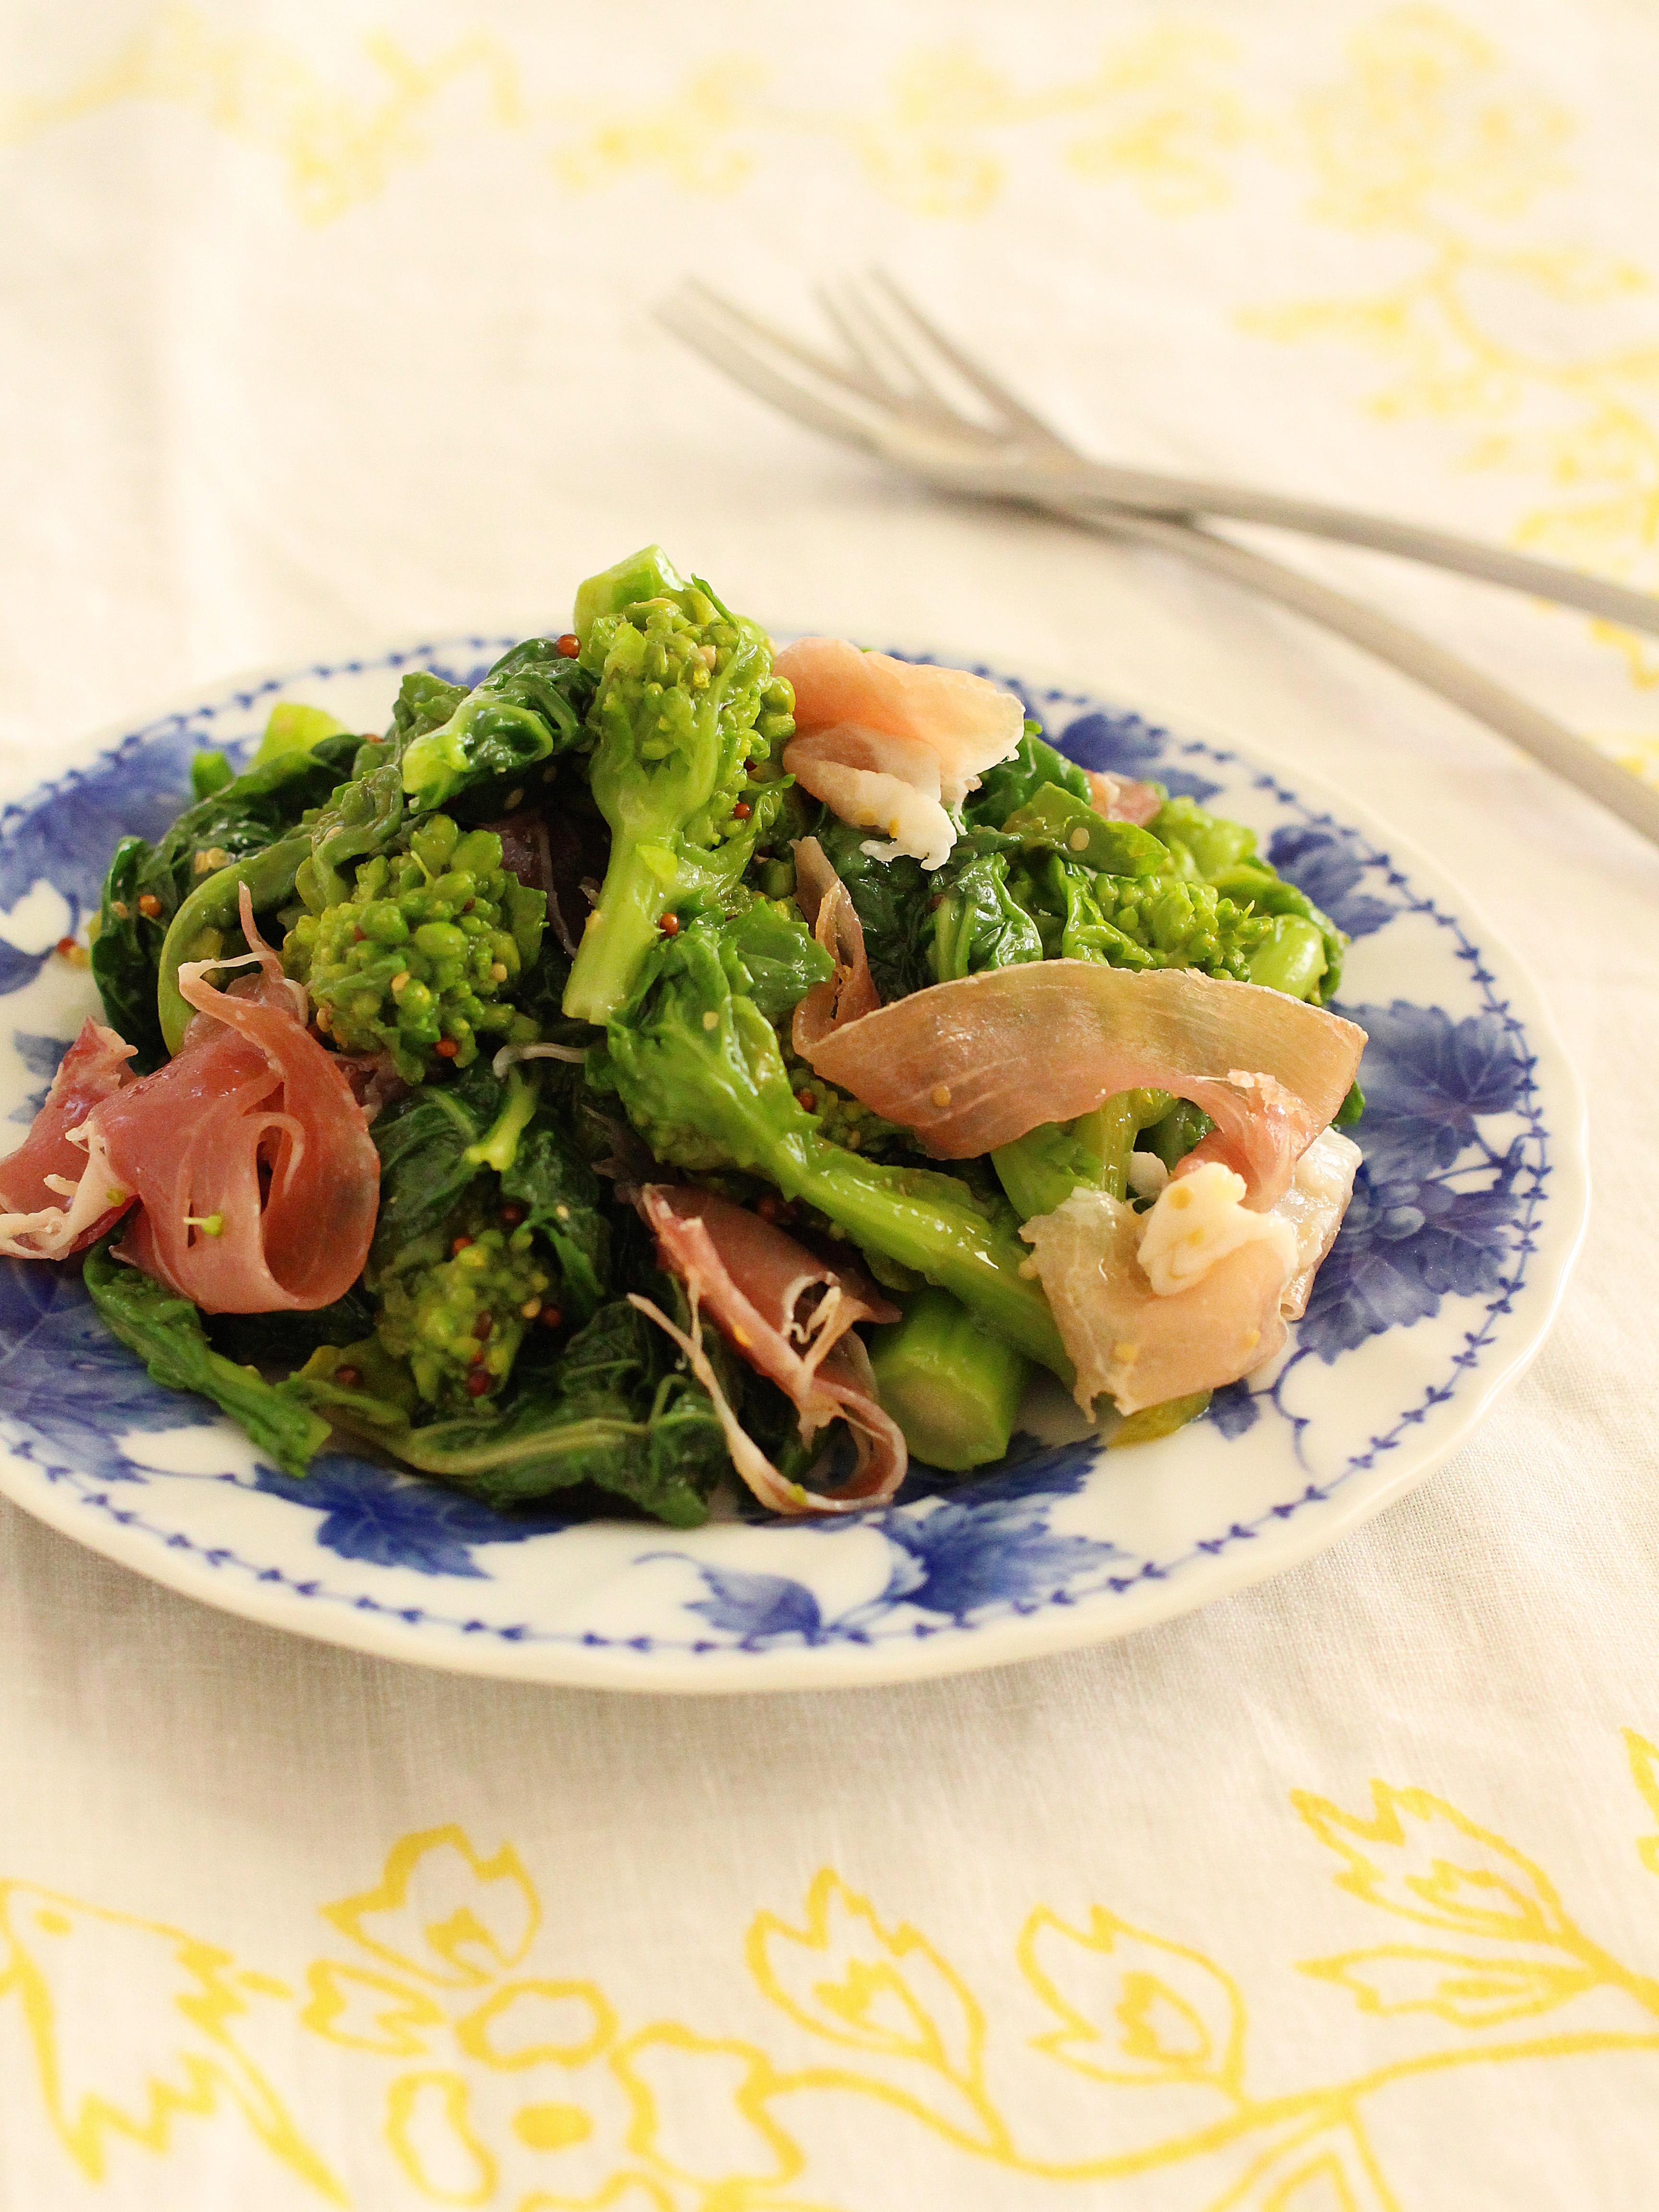 【連載;読売新聞ヨミドクター】菜の花と生ハムのマスタードサラダ&父のお祝い